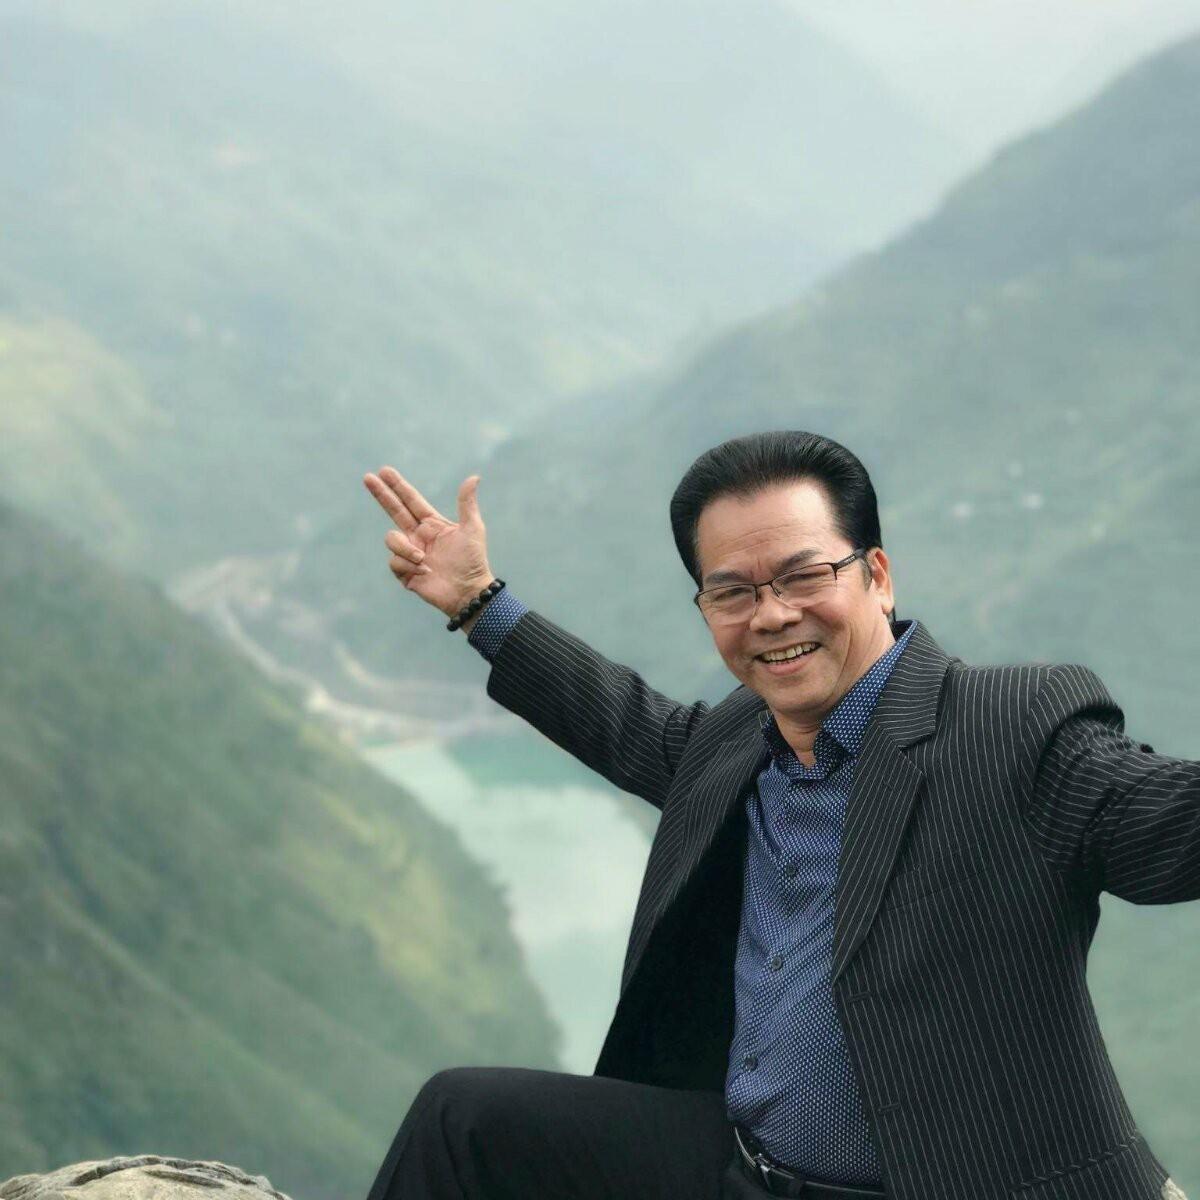 NSND Trần Nhượng: 'Tôi và con trai cả Bình Trọng từng có khoảng thời gian không nhìn mặt nhau'